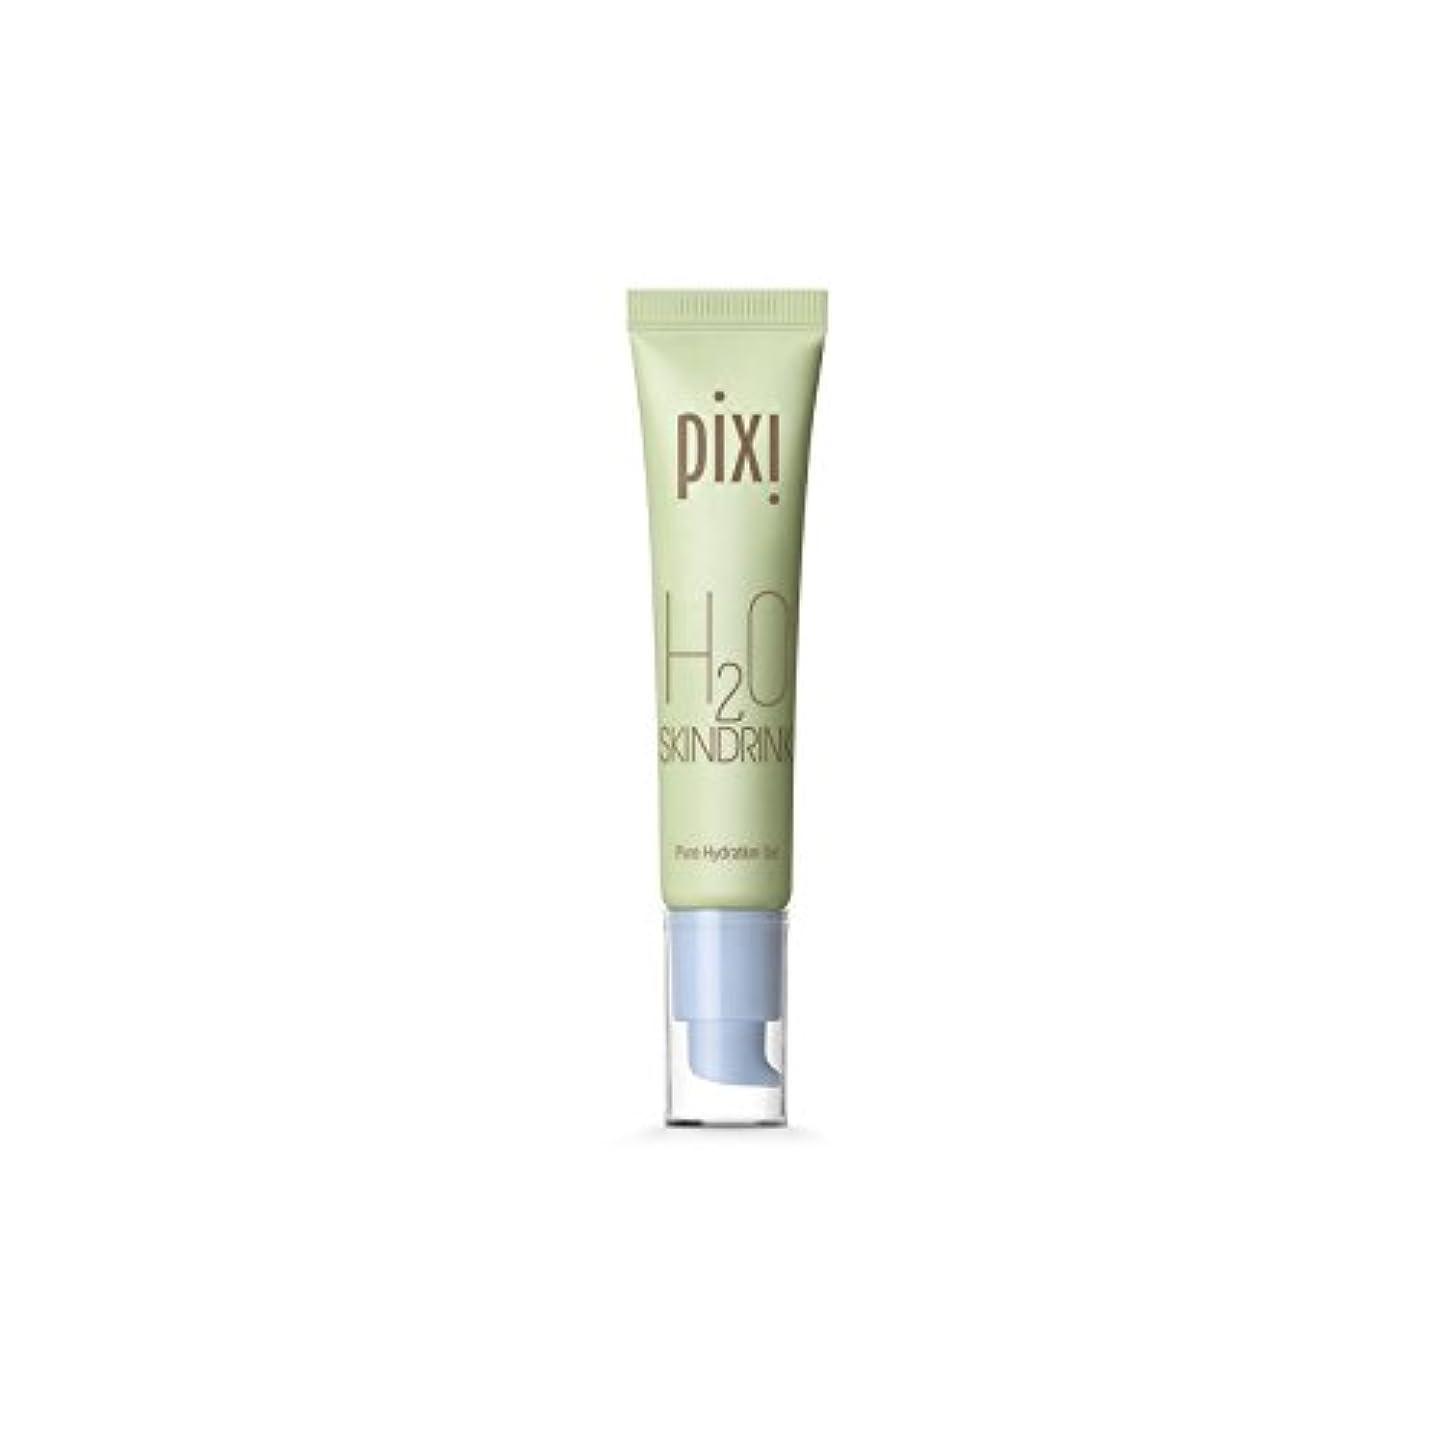 パーティーずっと折る20スキンドリンク x2 - Pixi H20 Skin Drink (Pack of 2) [並行輸入品]